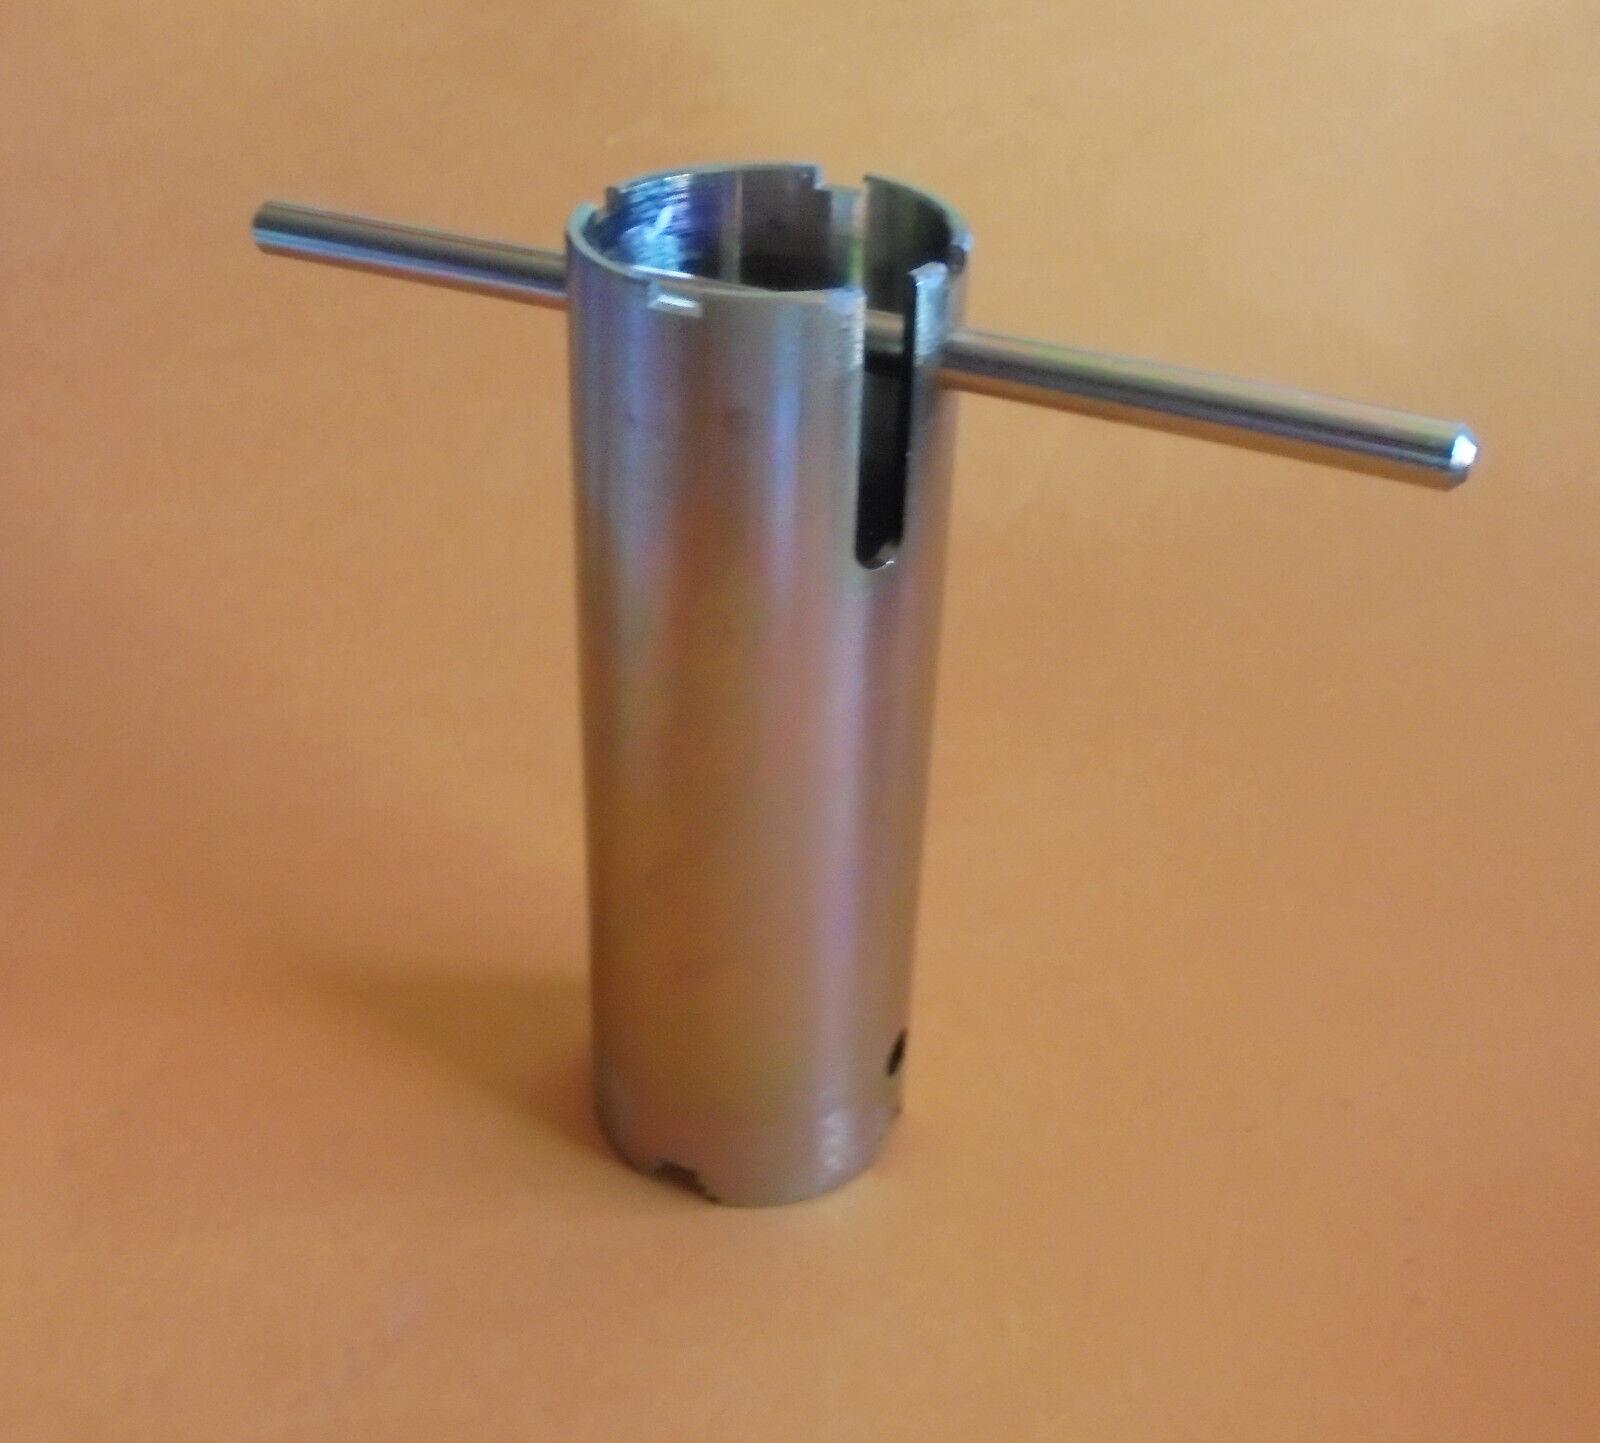 Metall Universalschlüßel  Schlüßel Wasseruhr Messkapsel für div. Zähler   61977